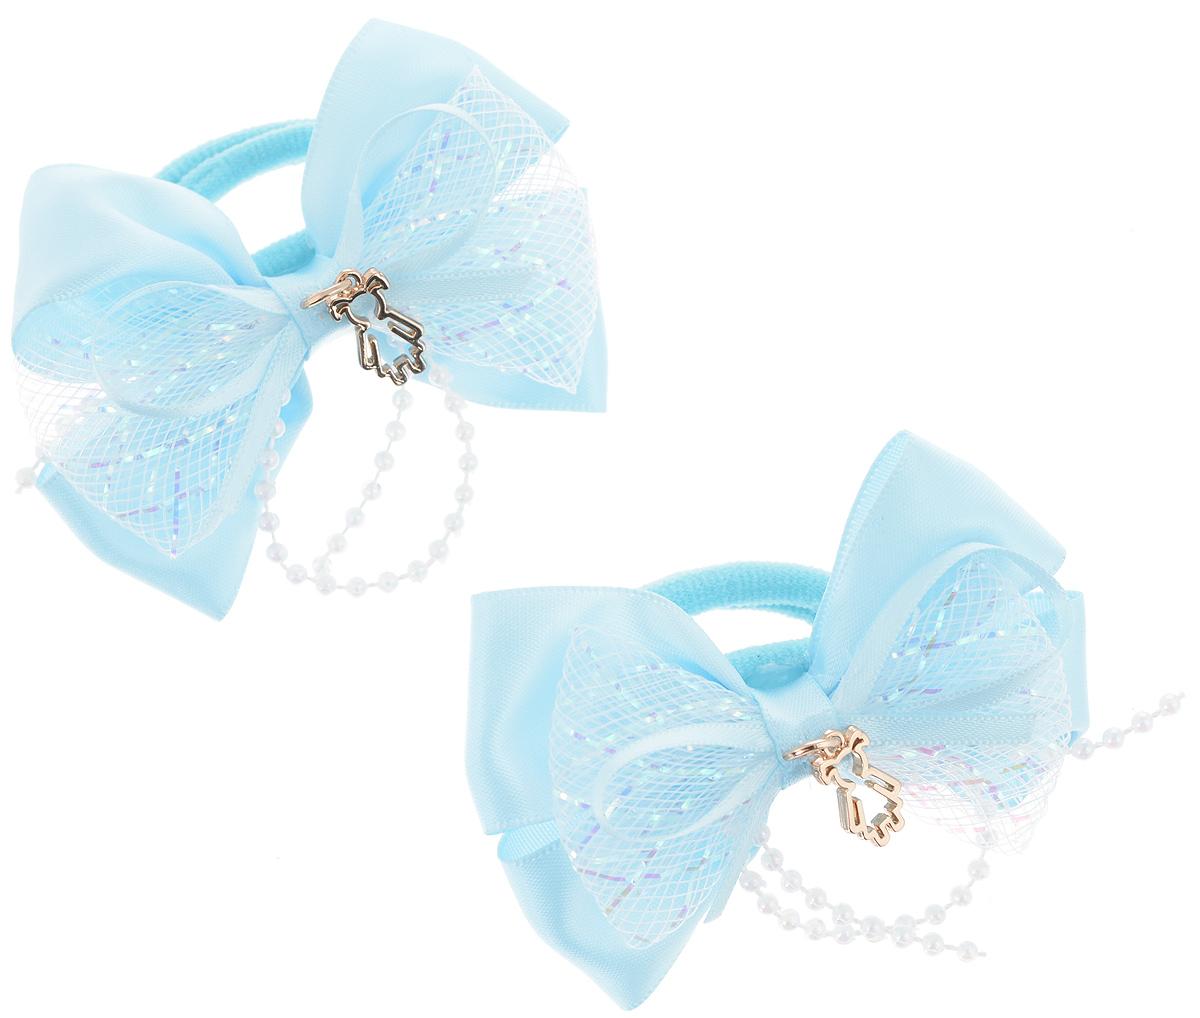 Резинка для волос Babys Joy, цвет: голубой, 2 шт. MN 143/2FS-00103Резинка для волос Babys Joy изготовлена из текстиля и дополнена милым бантиком, который оформлен бусинками и подвеской в форме девочки.Комплект содержит две резинки.Резинка для волос Babys Joy надежно зафиксирует волосы и подчеркнет красоту прически вашей маленькой принцессы.